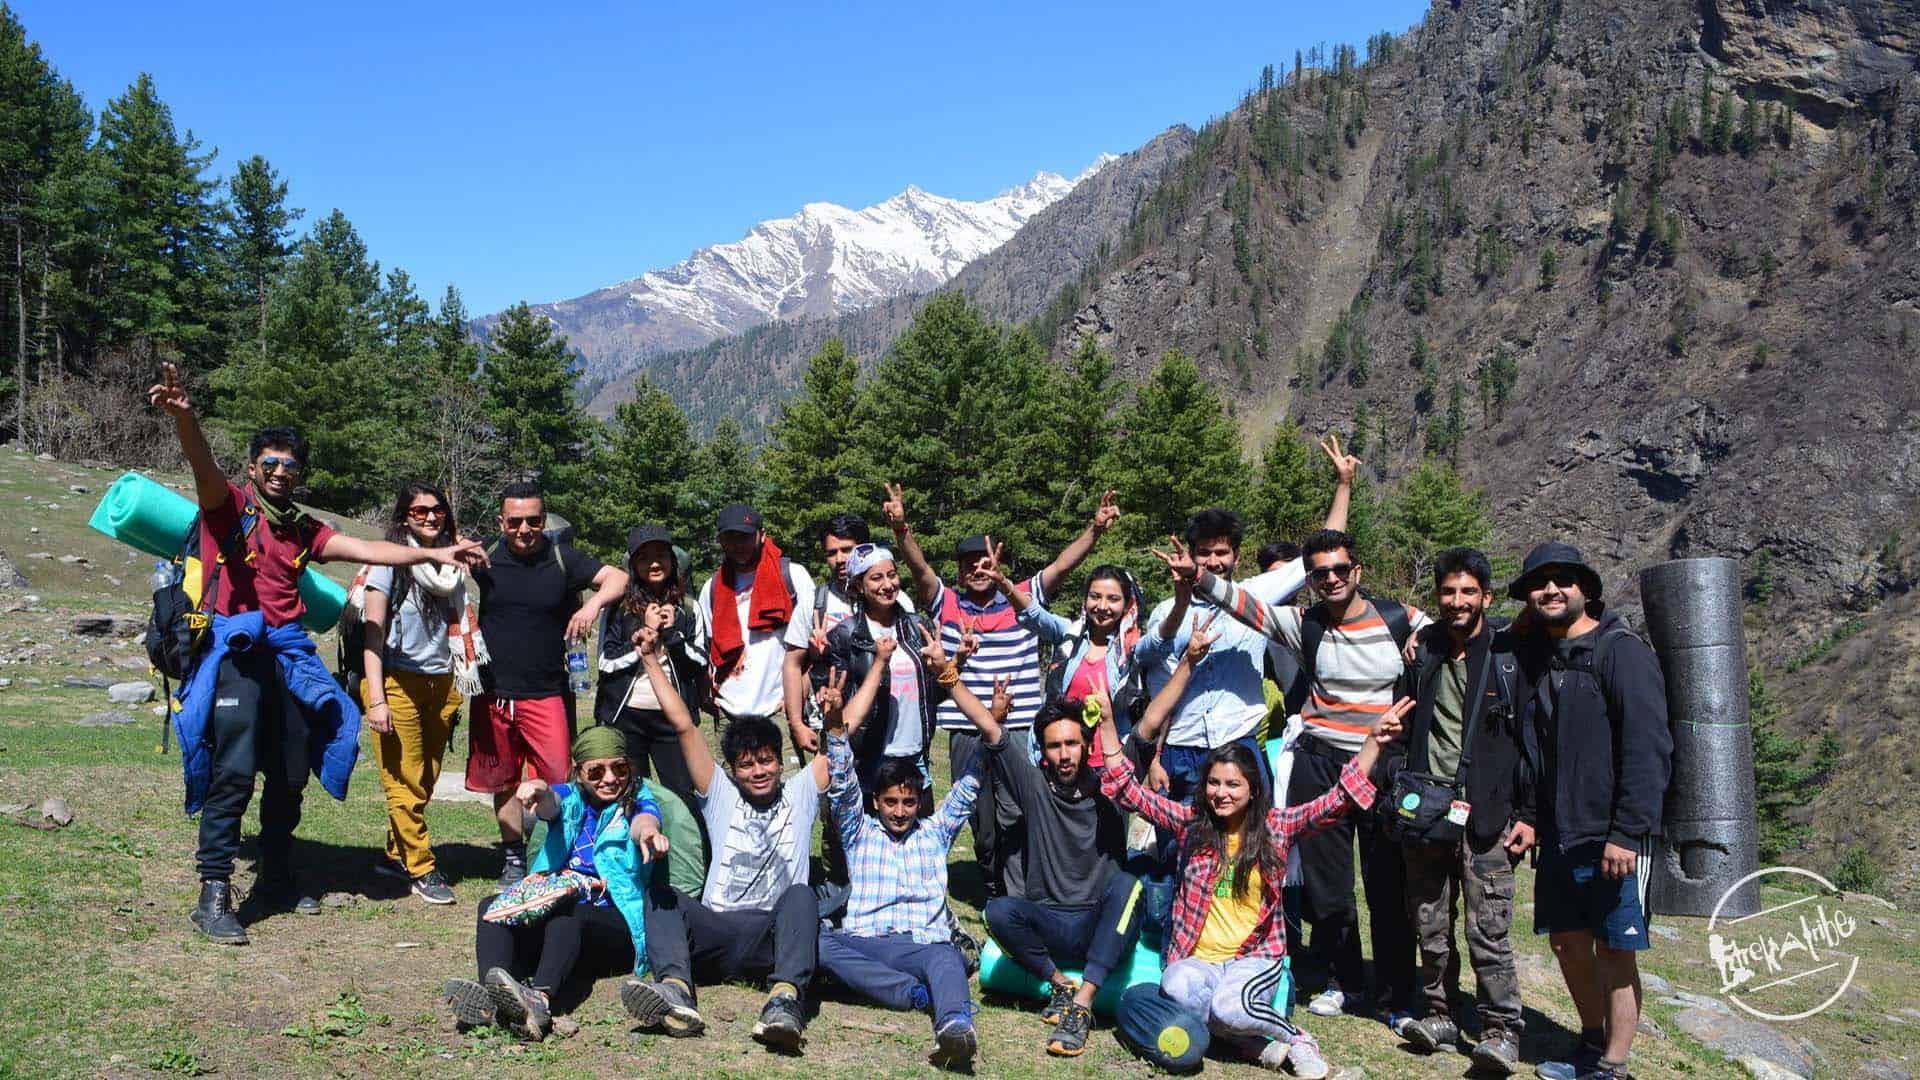 Kheerganga Trekking group